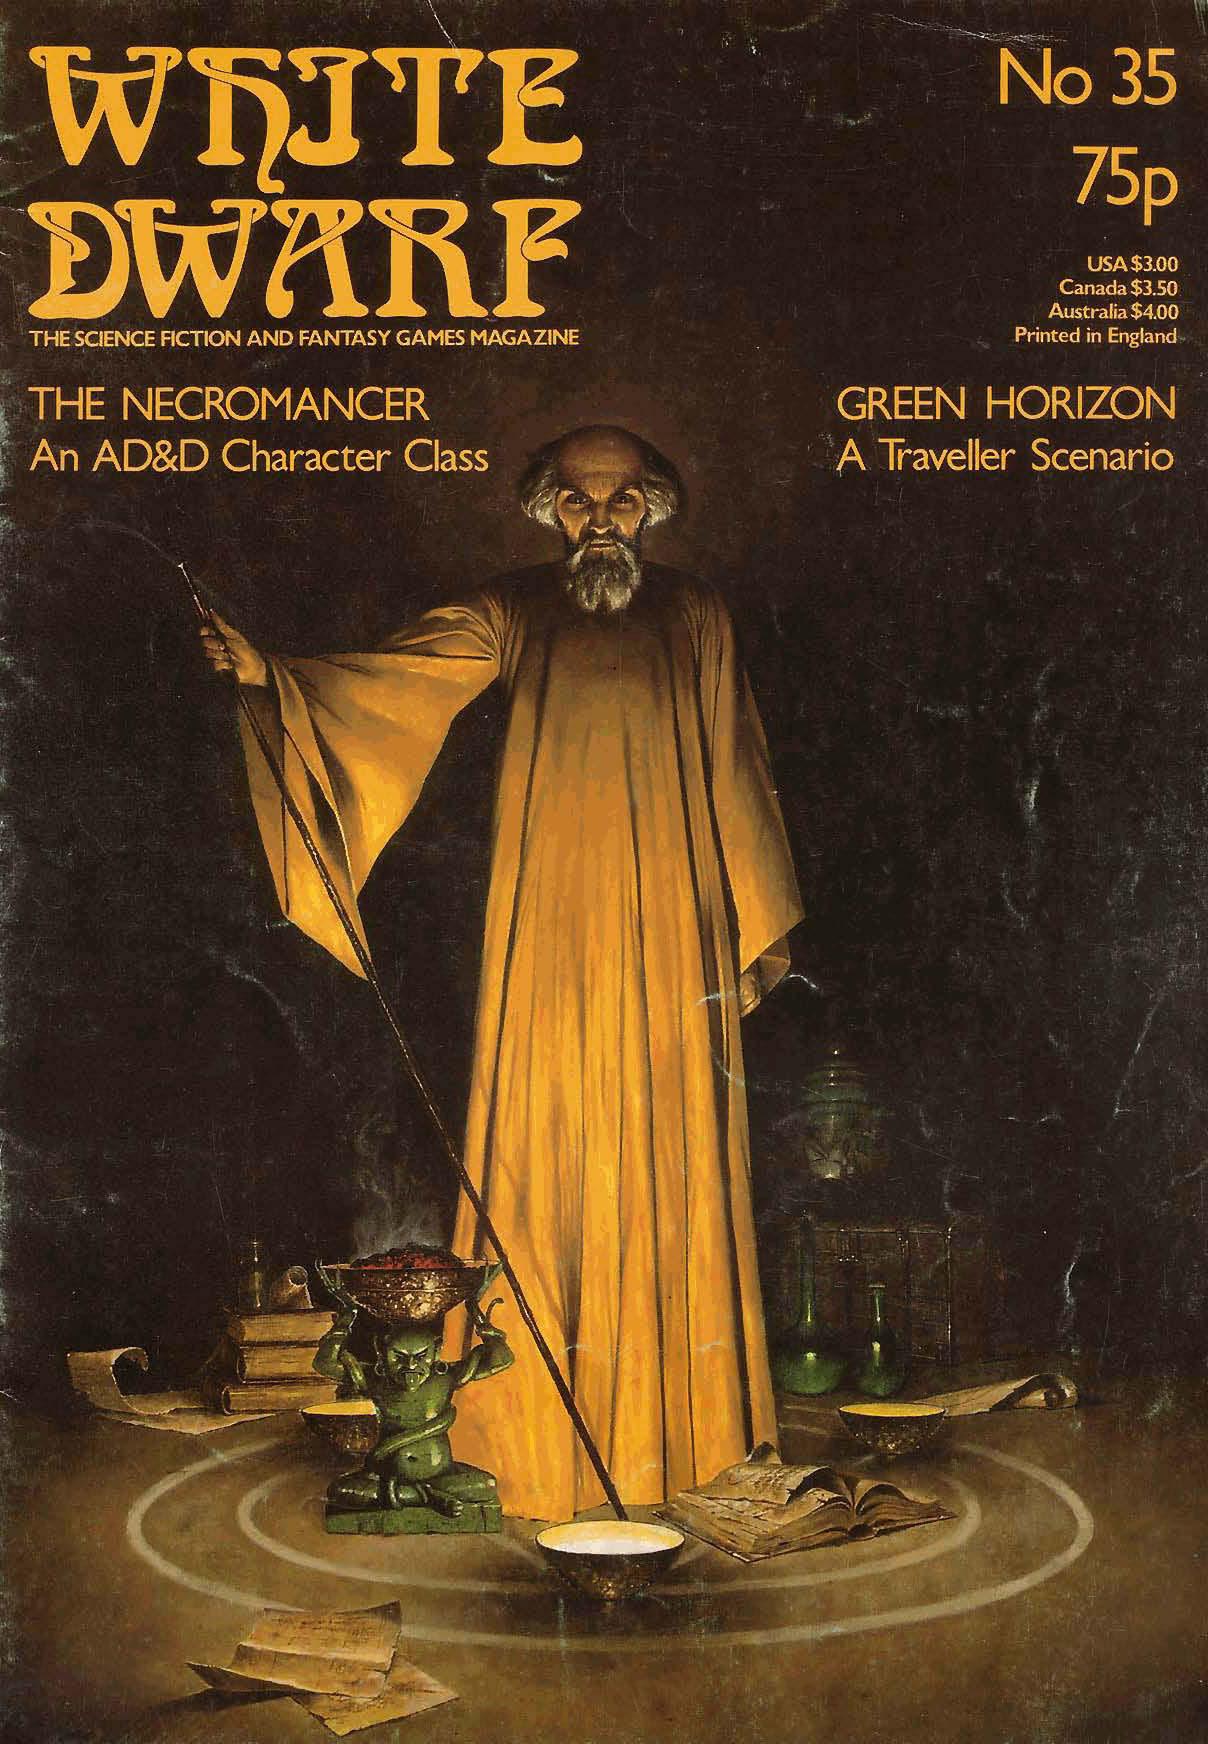 White Dwarf 35